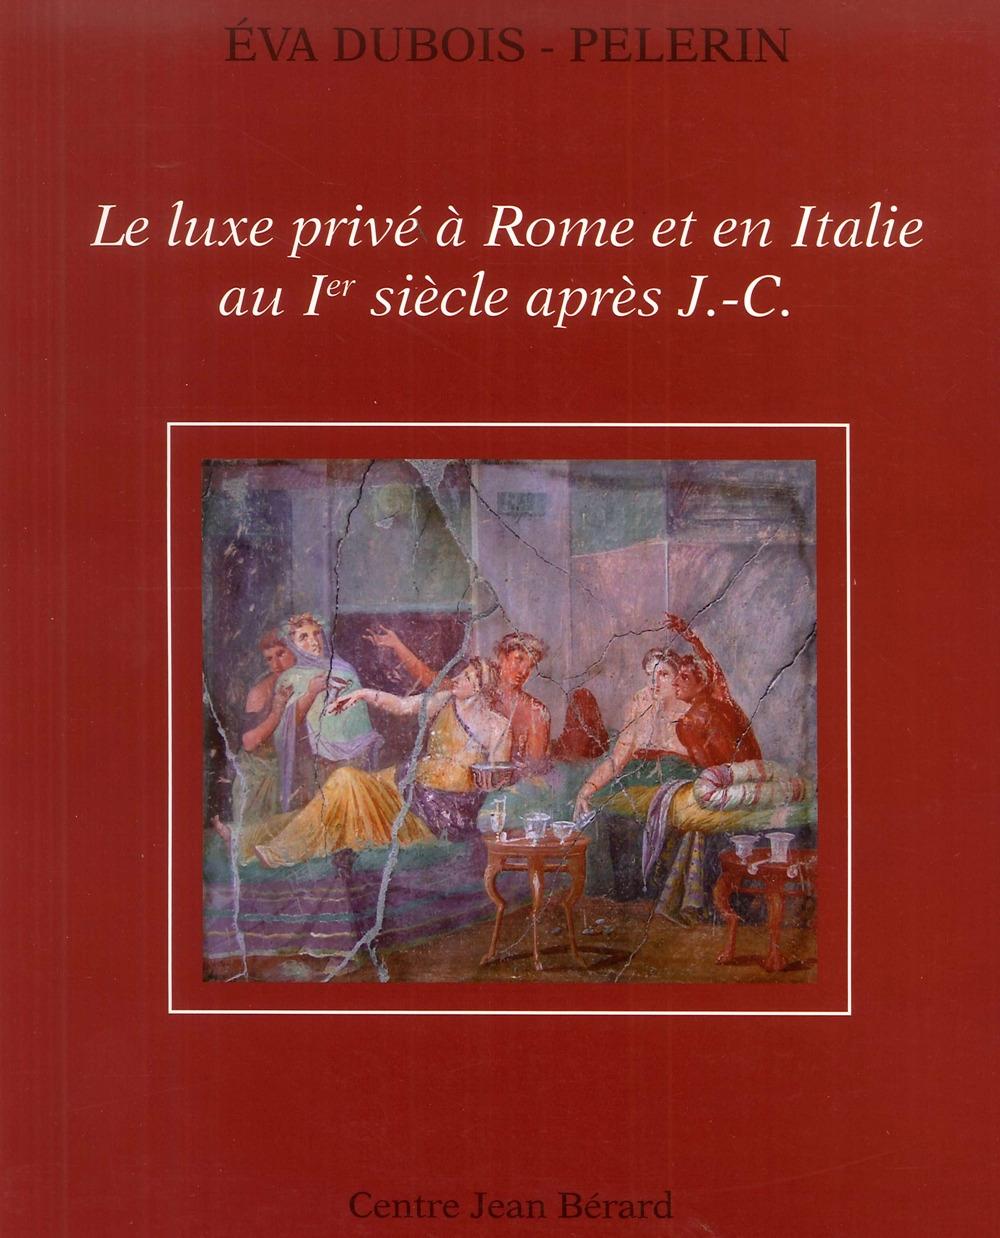 Le luxe privé à Rome et en Italie au Ier siècle après J-C